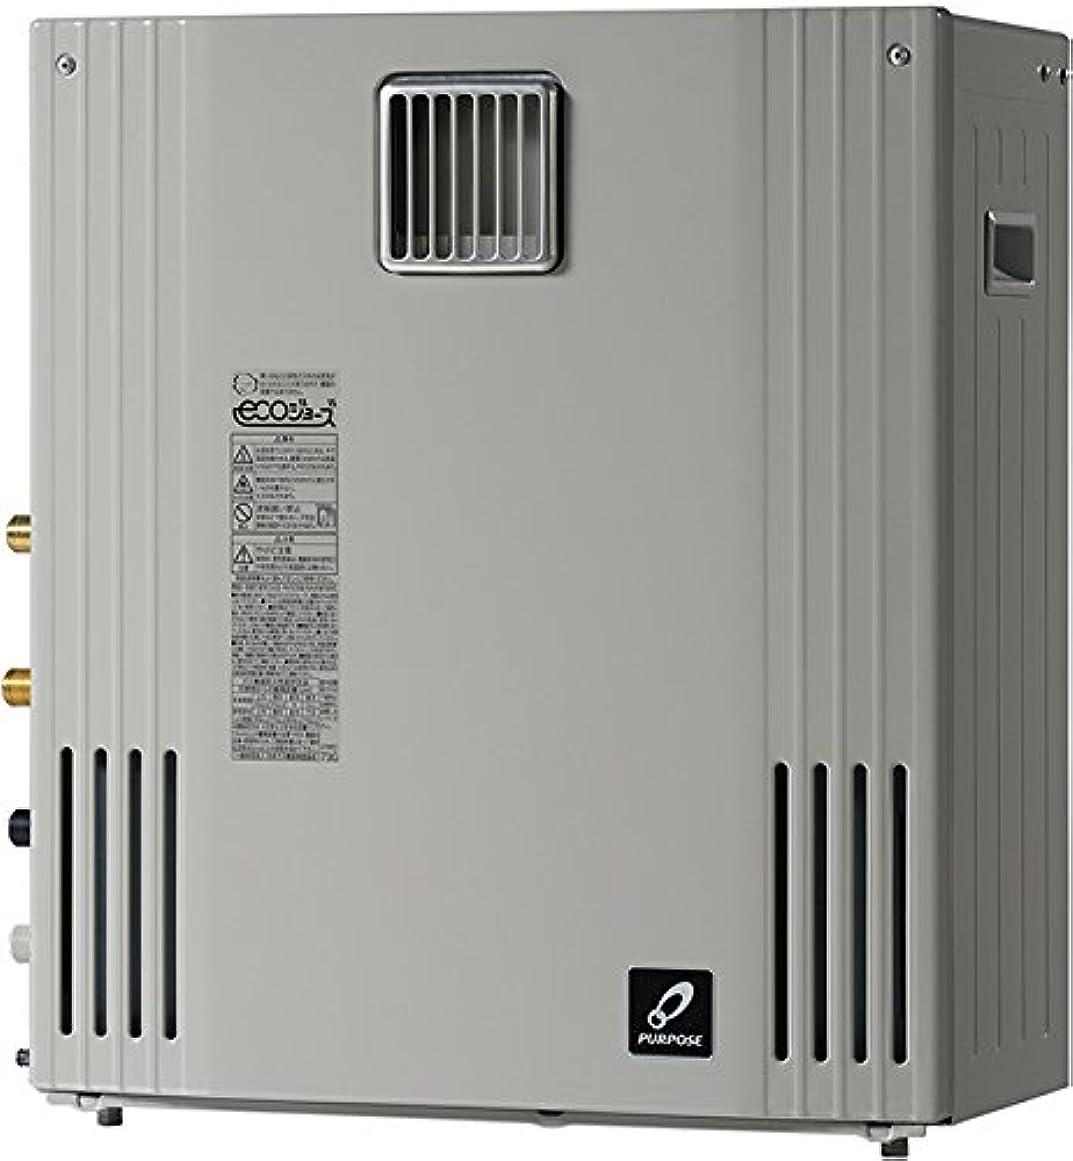 とても多くの磁気ランドマークパーパス ガス給湯器 エコジョーズ 据置型20号 フルオートタイプ プロパンガス(LPG) GX-H2000ZR-1